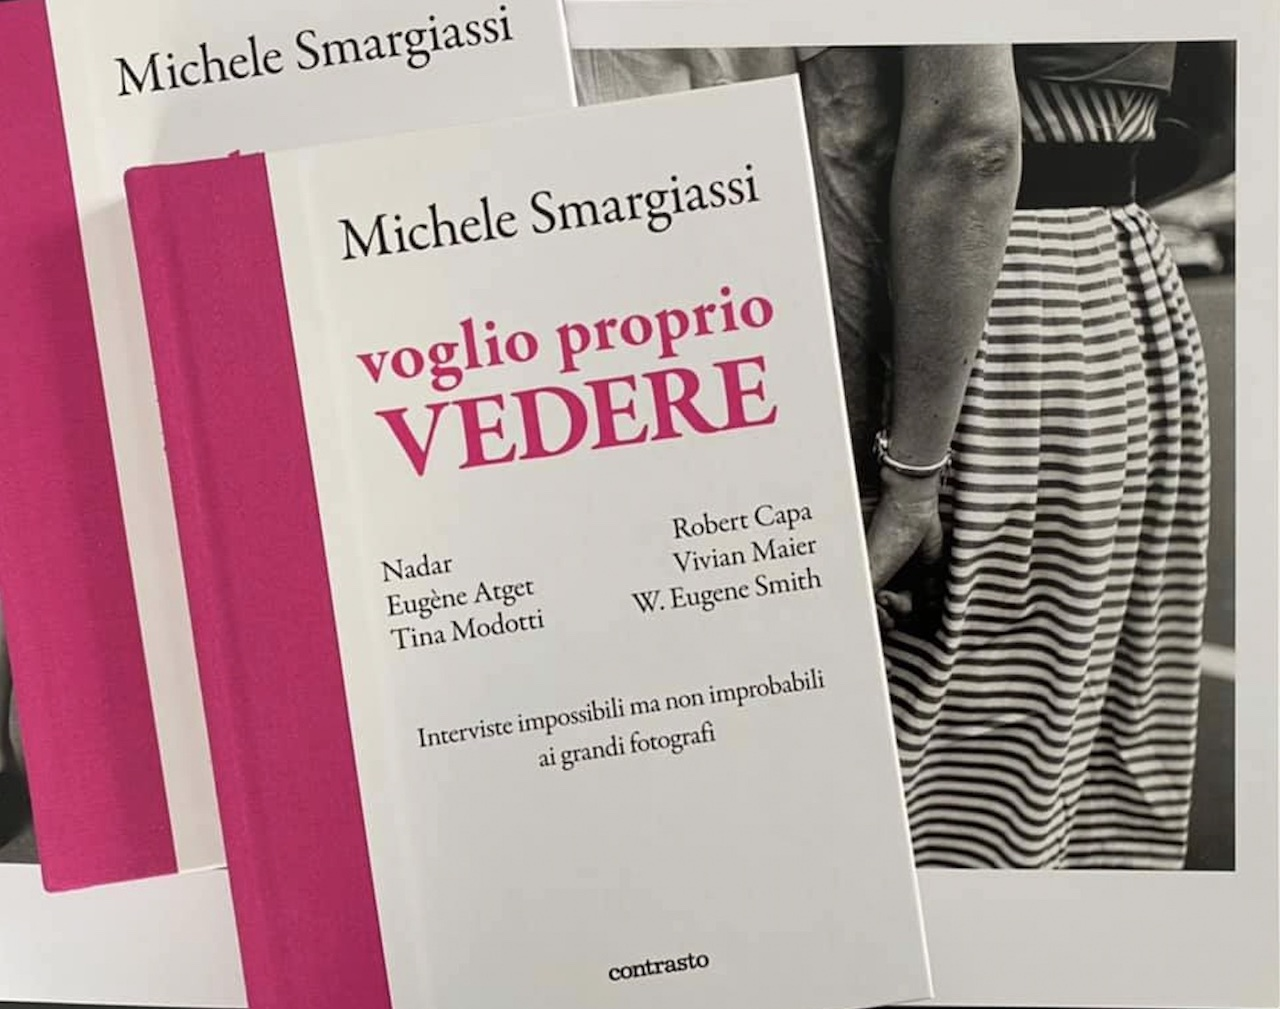 """""""Voglio proprio vedere"""": Contrasto pubblica le """"interviste impossibili"""" di Michele Smargiassi ai grandi fotografi"""